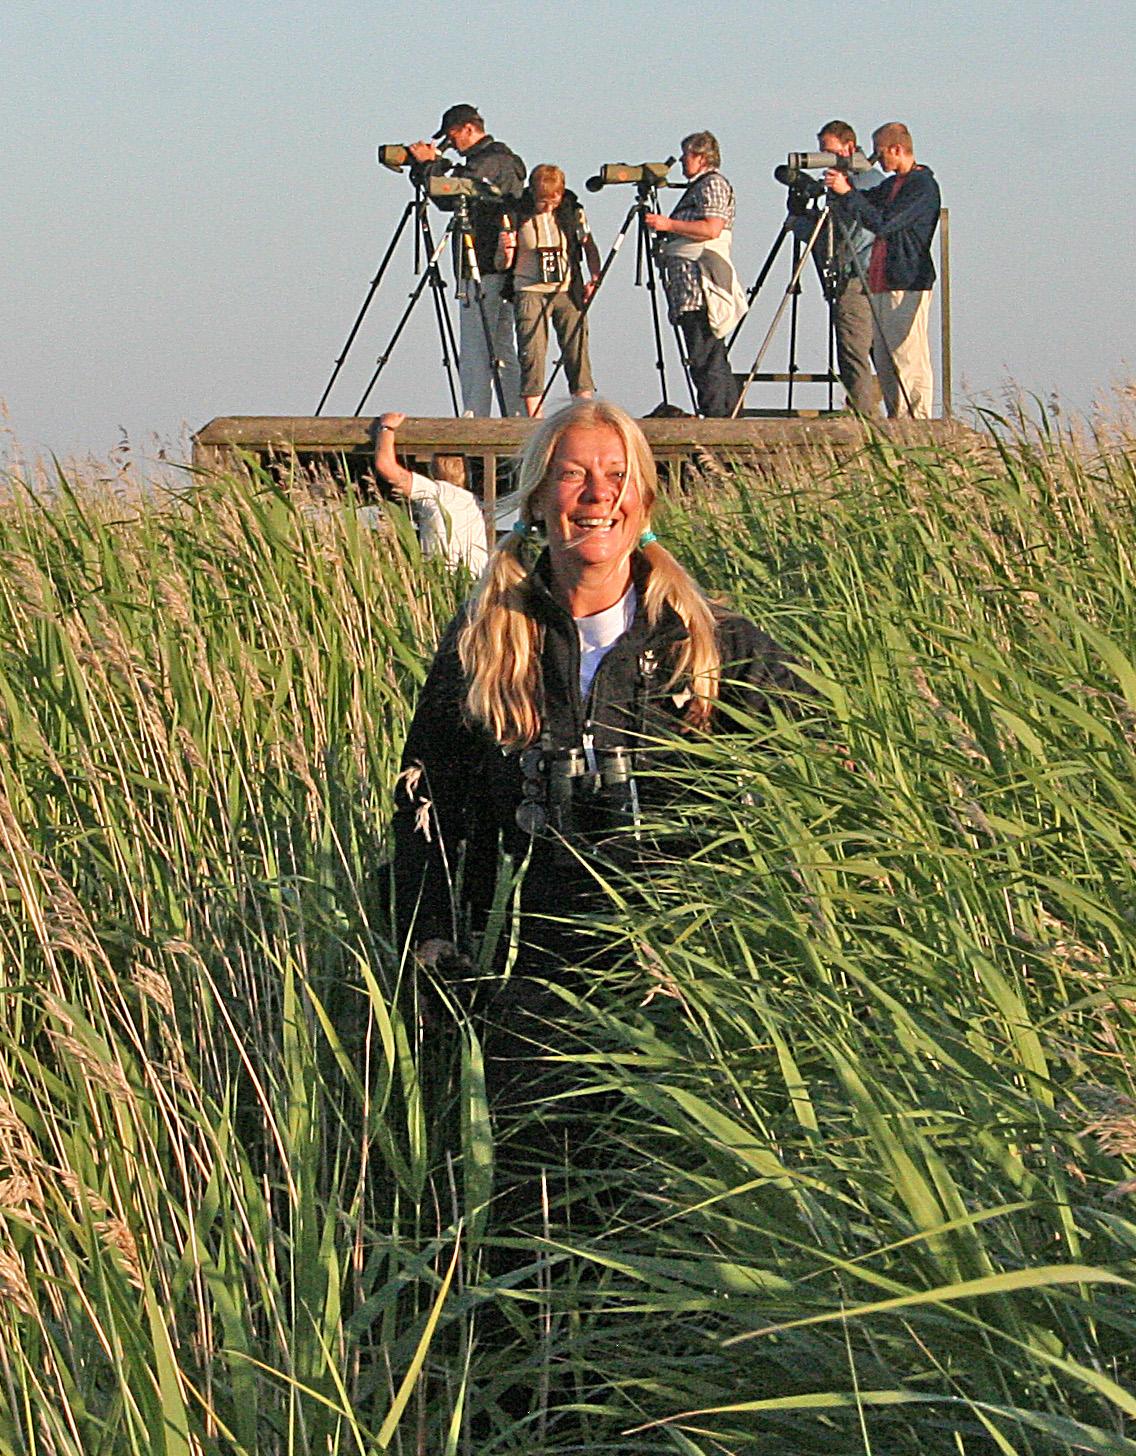 Gigi har kryssat mongolpipare på Öland-09